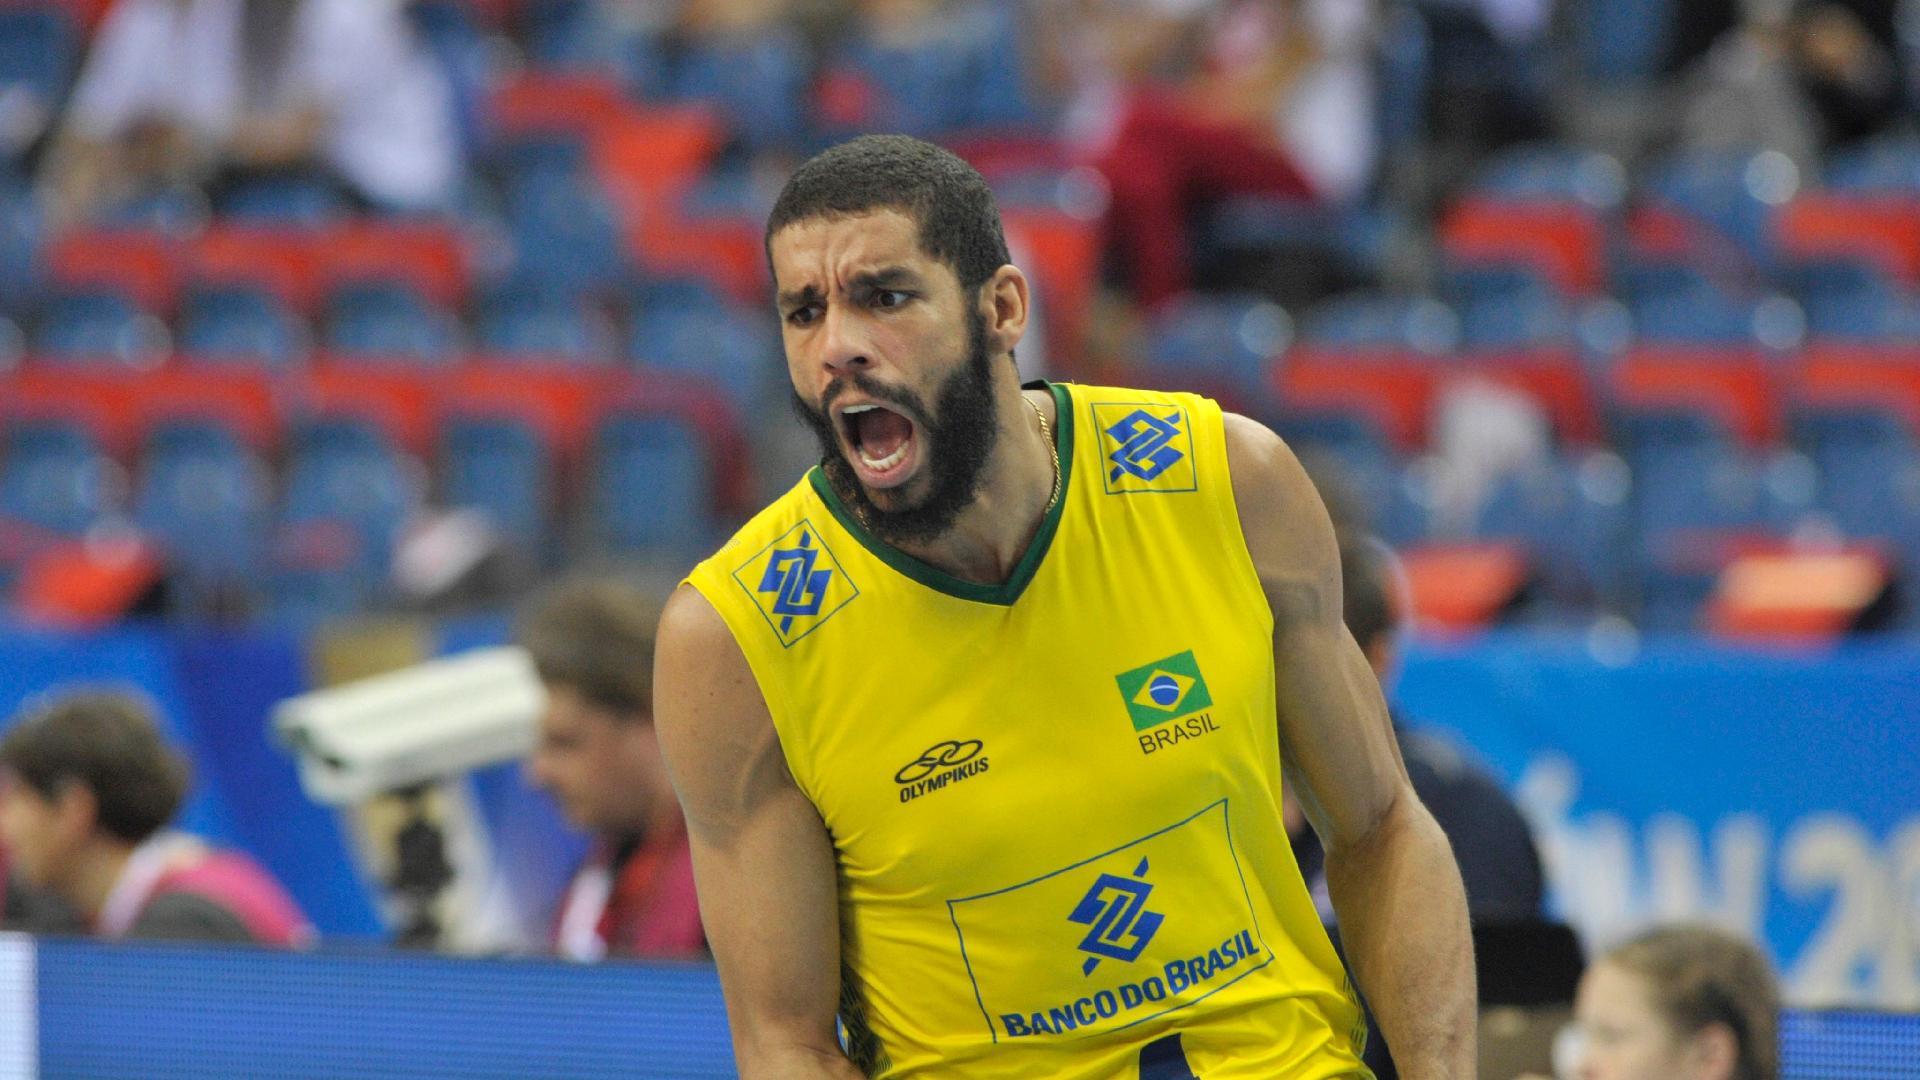 Wallace, jogador dde vôlei do Brasil, comemora ponto na Liga Mundial